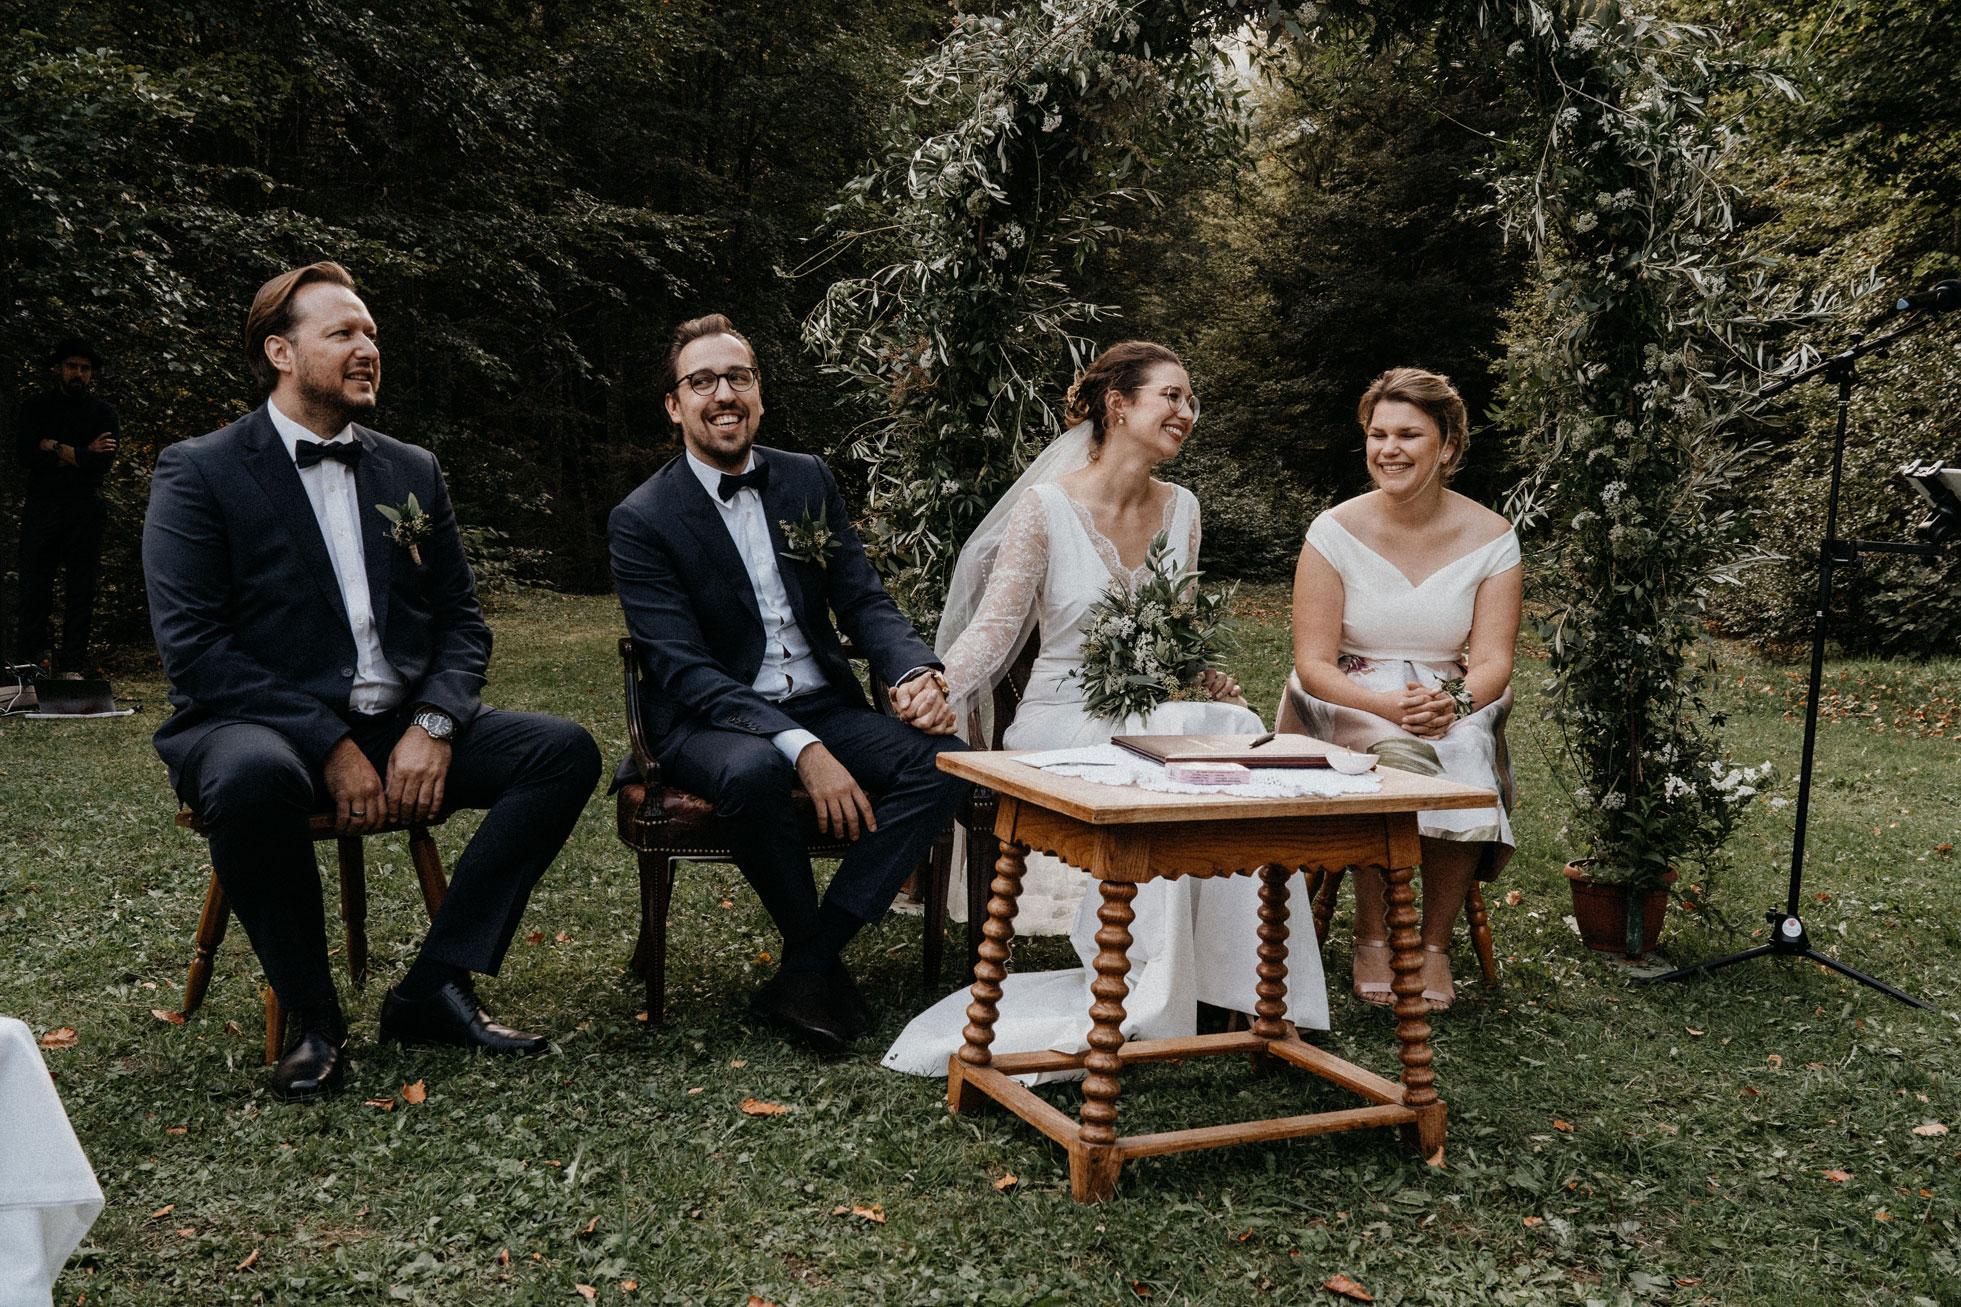 Hochzeit_Claire_Manuel_Villa_Maund_Daniel_Jenny-116.jpg